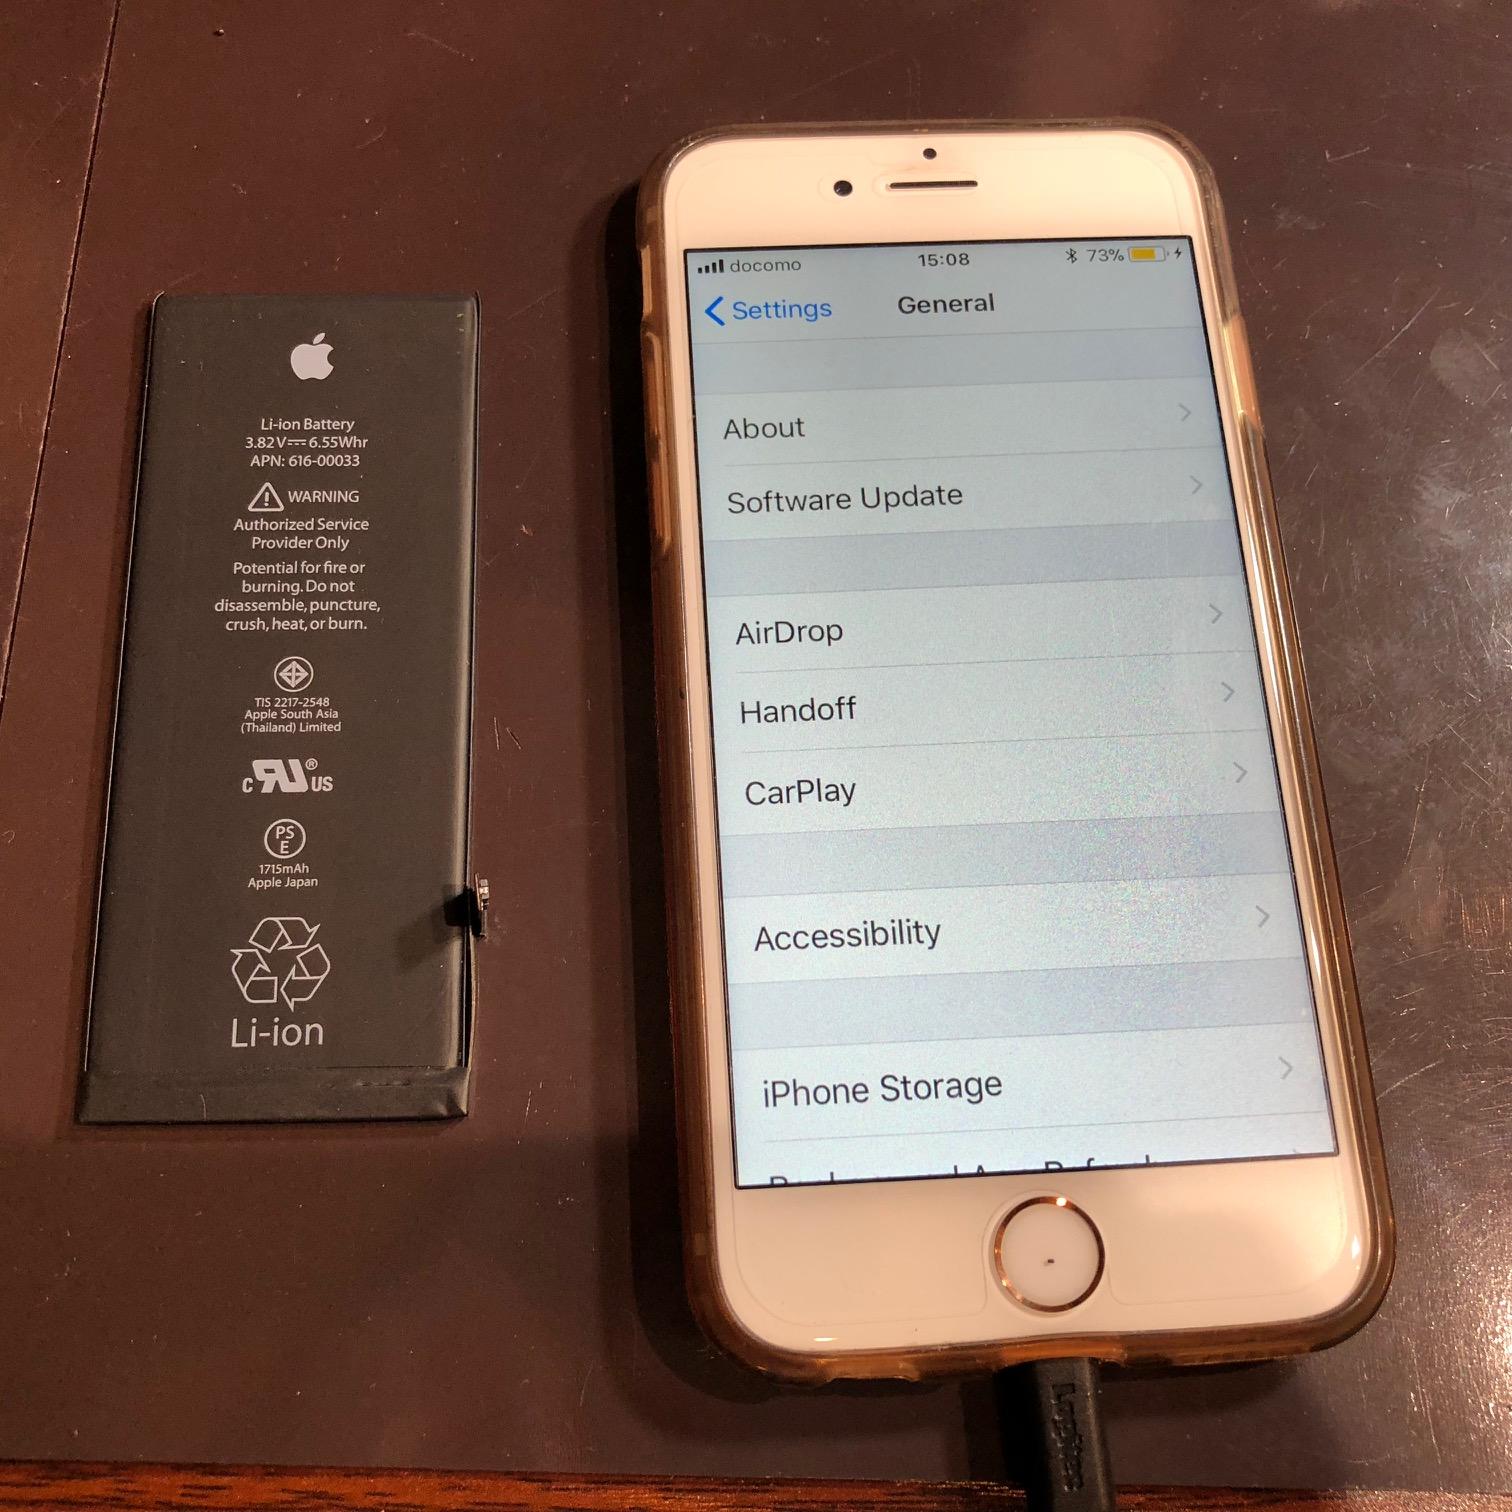 持ちの悪いバッテリーは交換!最短15分で交換できます☆彡持ちが良くなりストレスフリー♪買取も強化しております アイフォン修理伊丹尼崎店 iphone6バッテリー交換